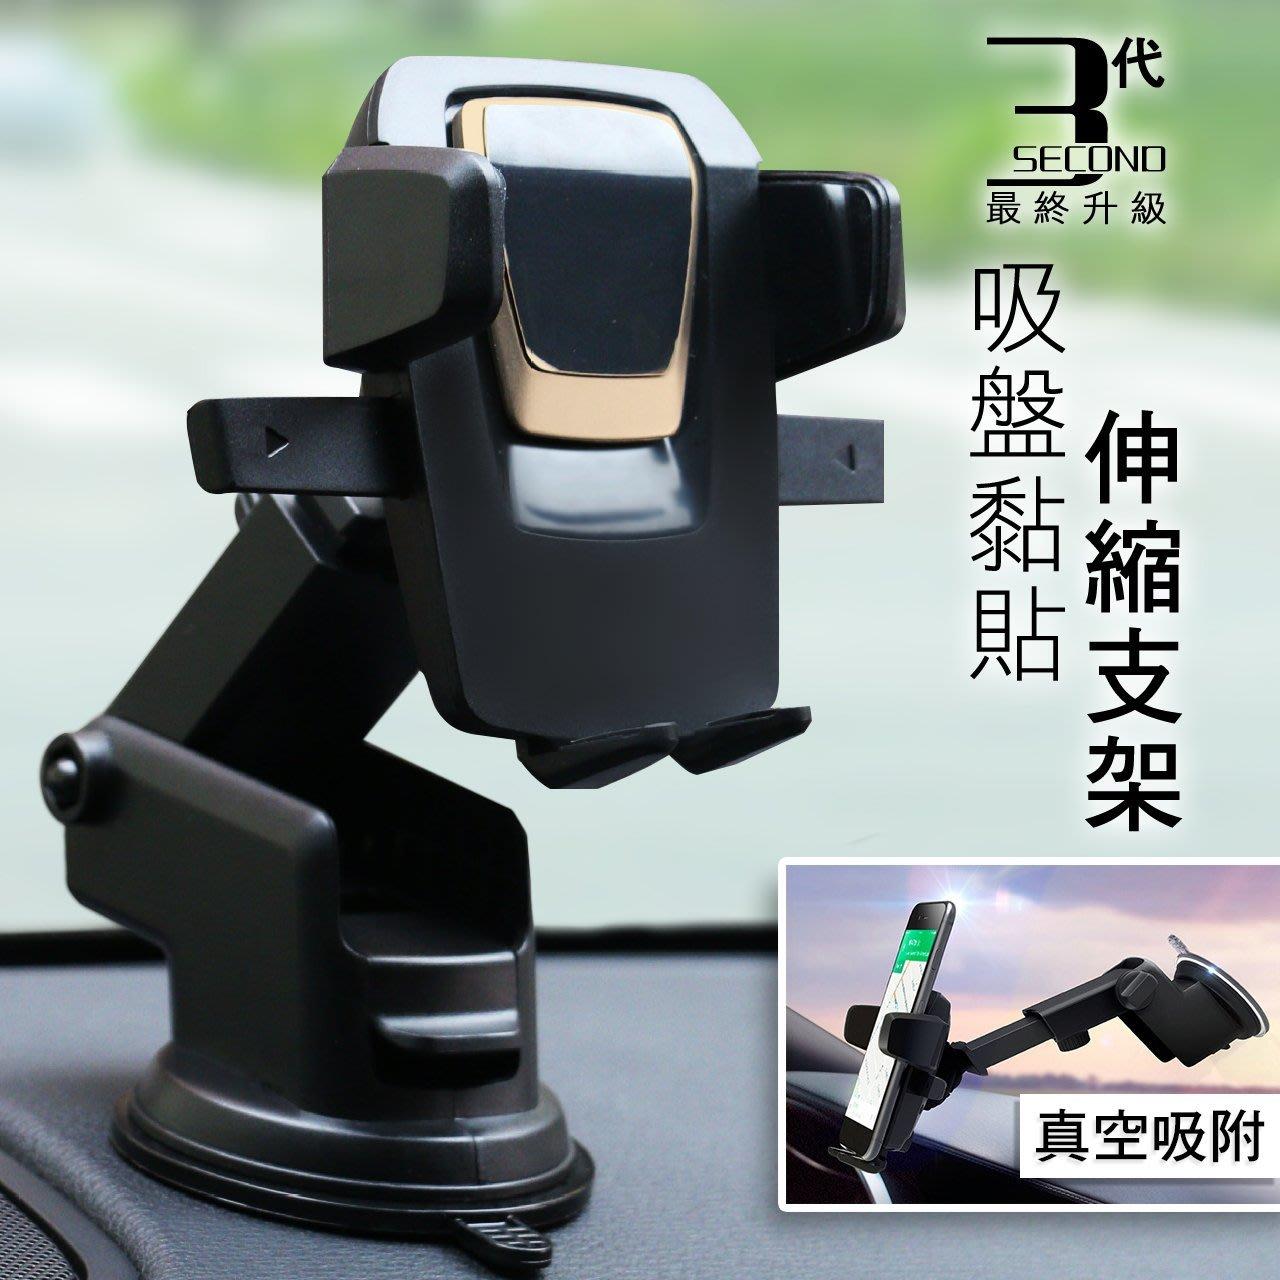 第三代 奈米黏貼吸附式手機架 導航架 GPS車架